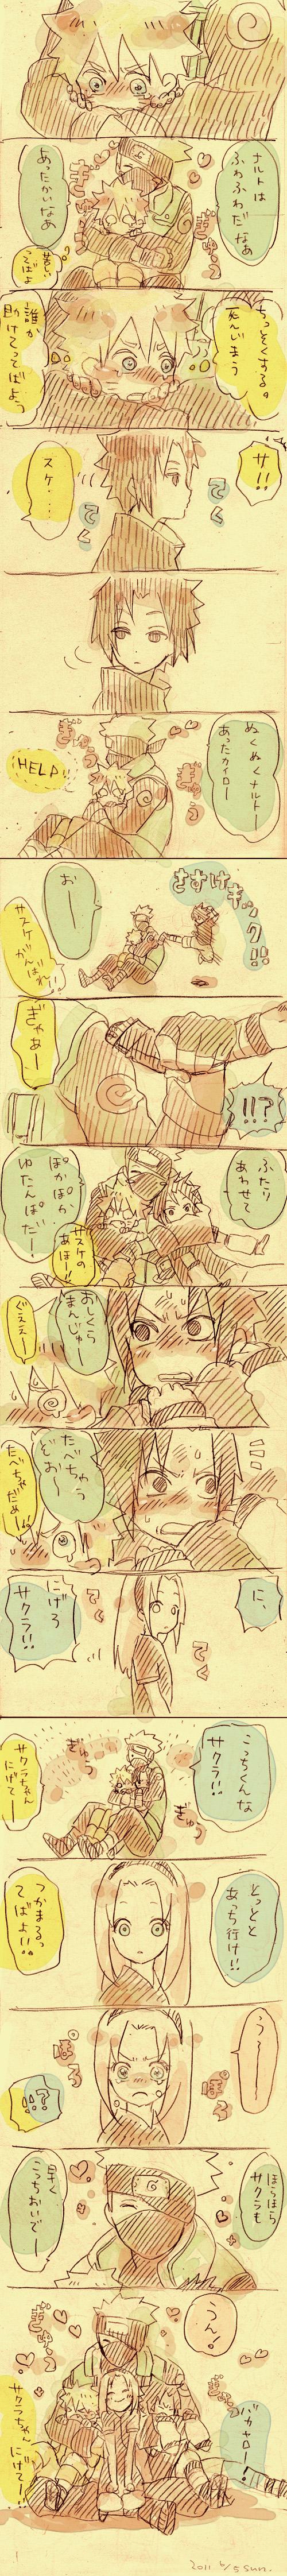 Tags: Anime, Yuhka, NARUTO, Haruno Sakura, Hatake Kakashi, Uchiha Sasuke, Uzumaki Naruto, Jinchuuriki, Team 7